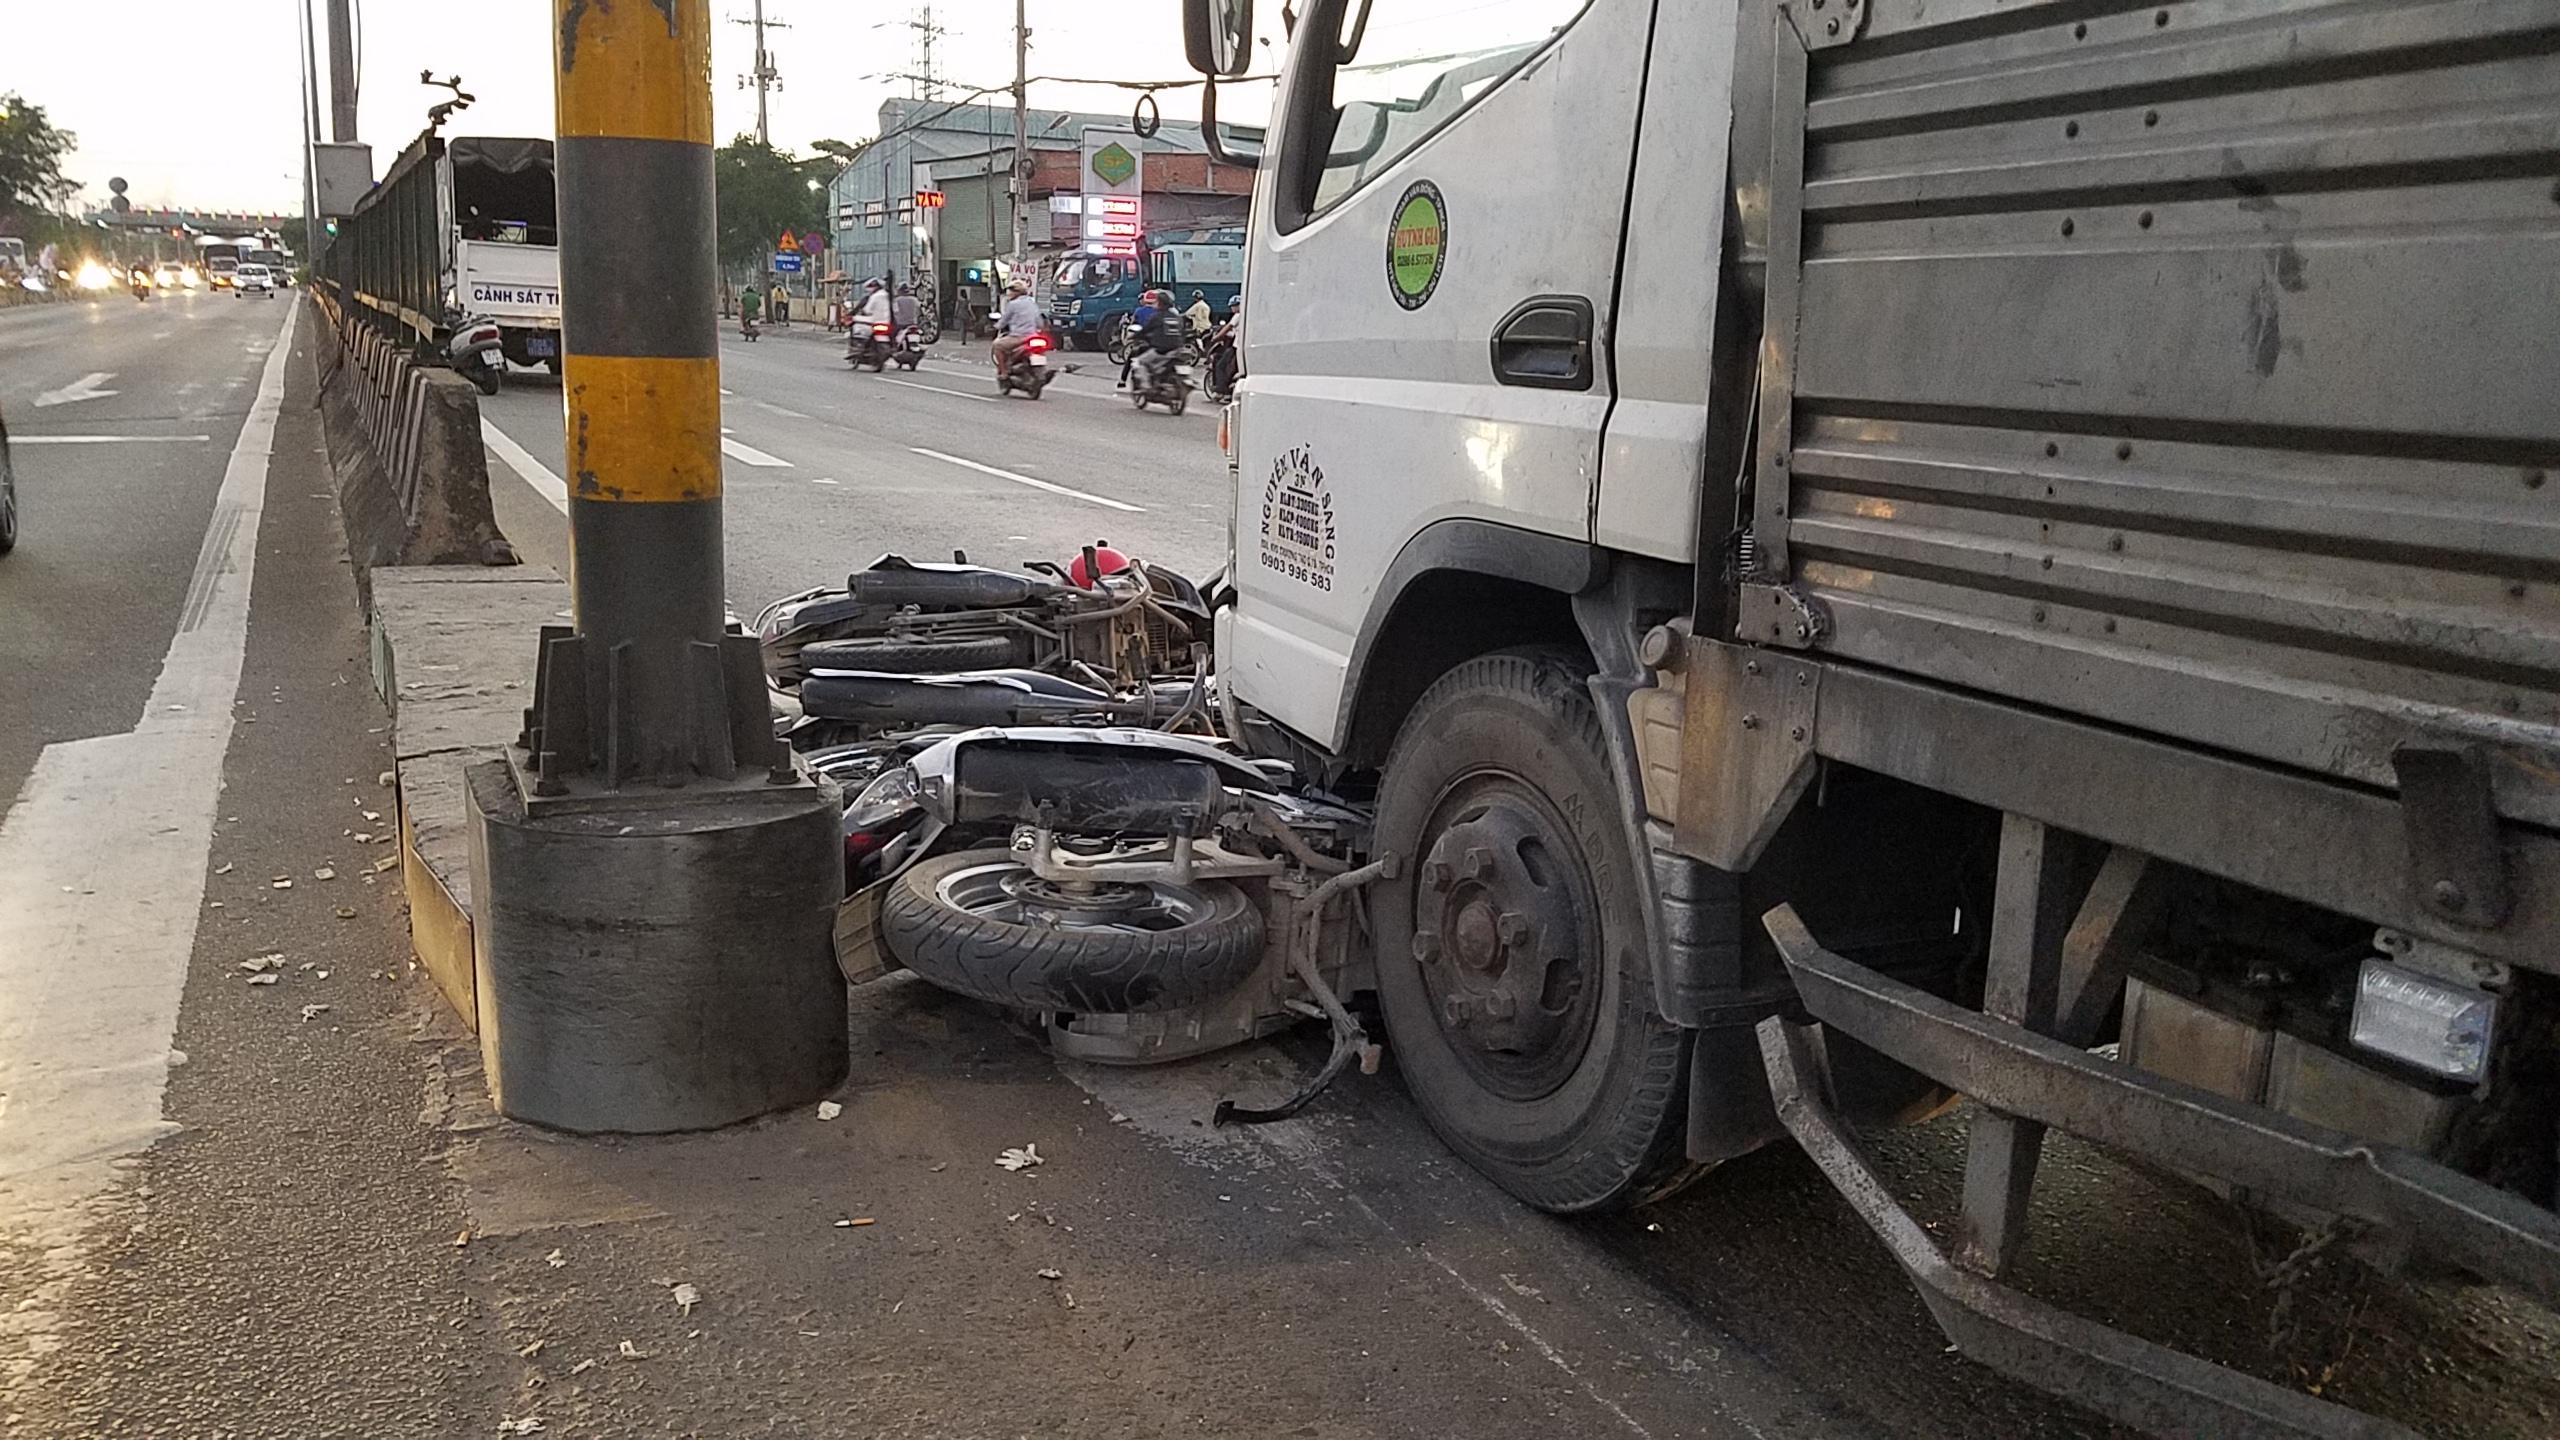 Xe ben tông hàng loạt xe máy, người văng tứ tung trên quốc lộ ở Sài Gòn - Ảnh 2